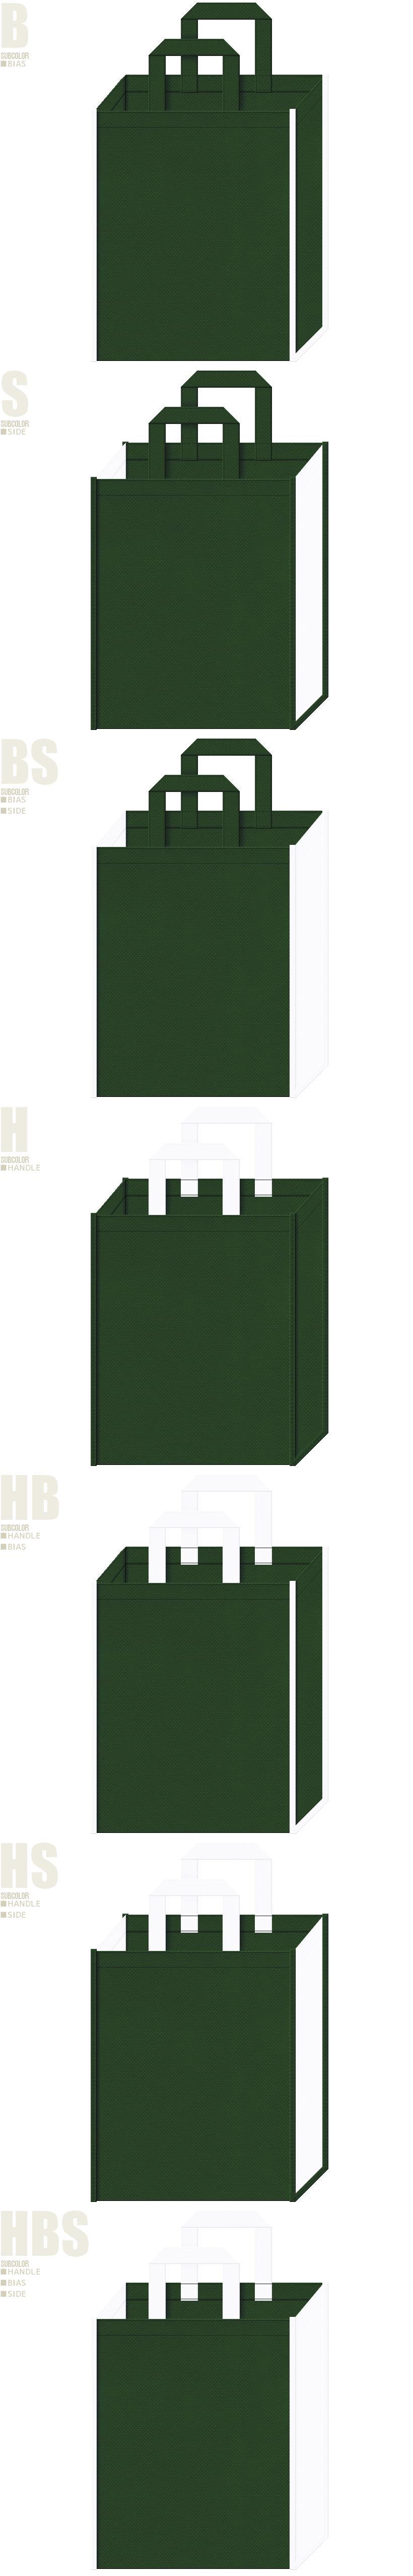 濃緑色と白色、7パターンの不織布トートバッグ配色デザイン例。救急用品の展示会用バッグ、医療セミナーの資料配布用バッグにお奨めです。